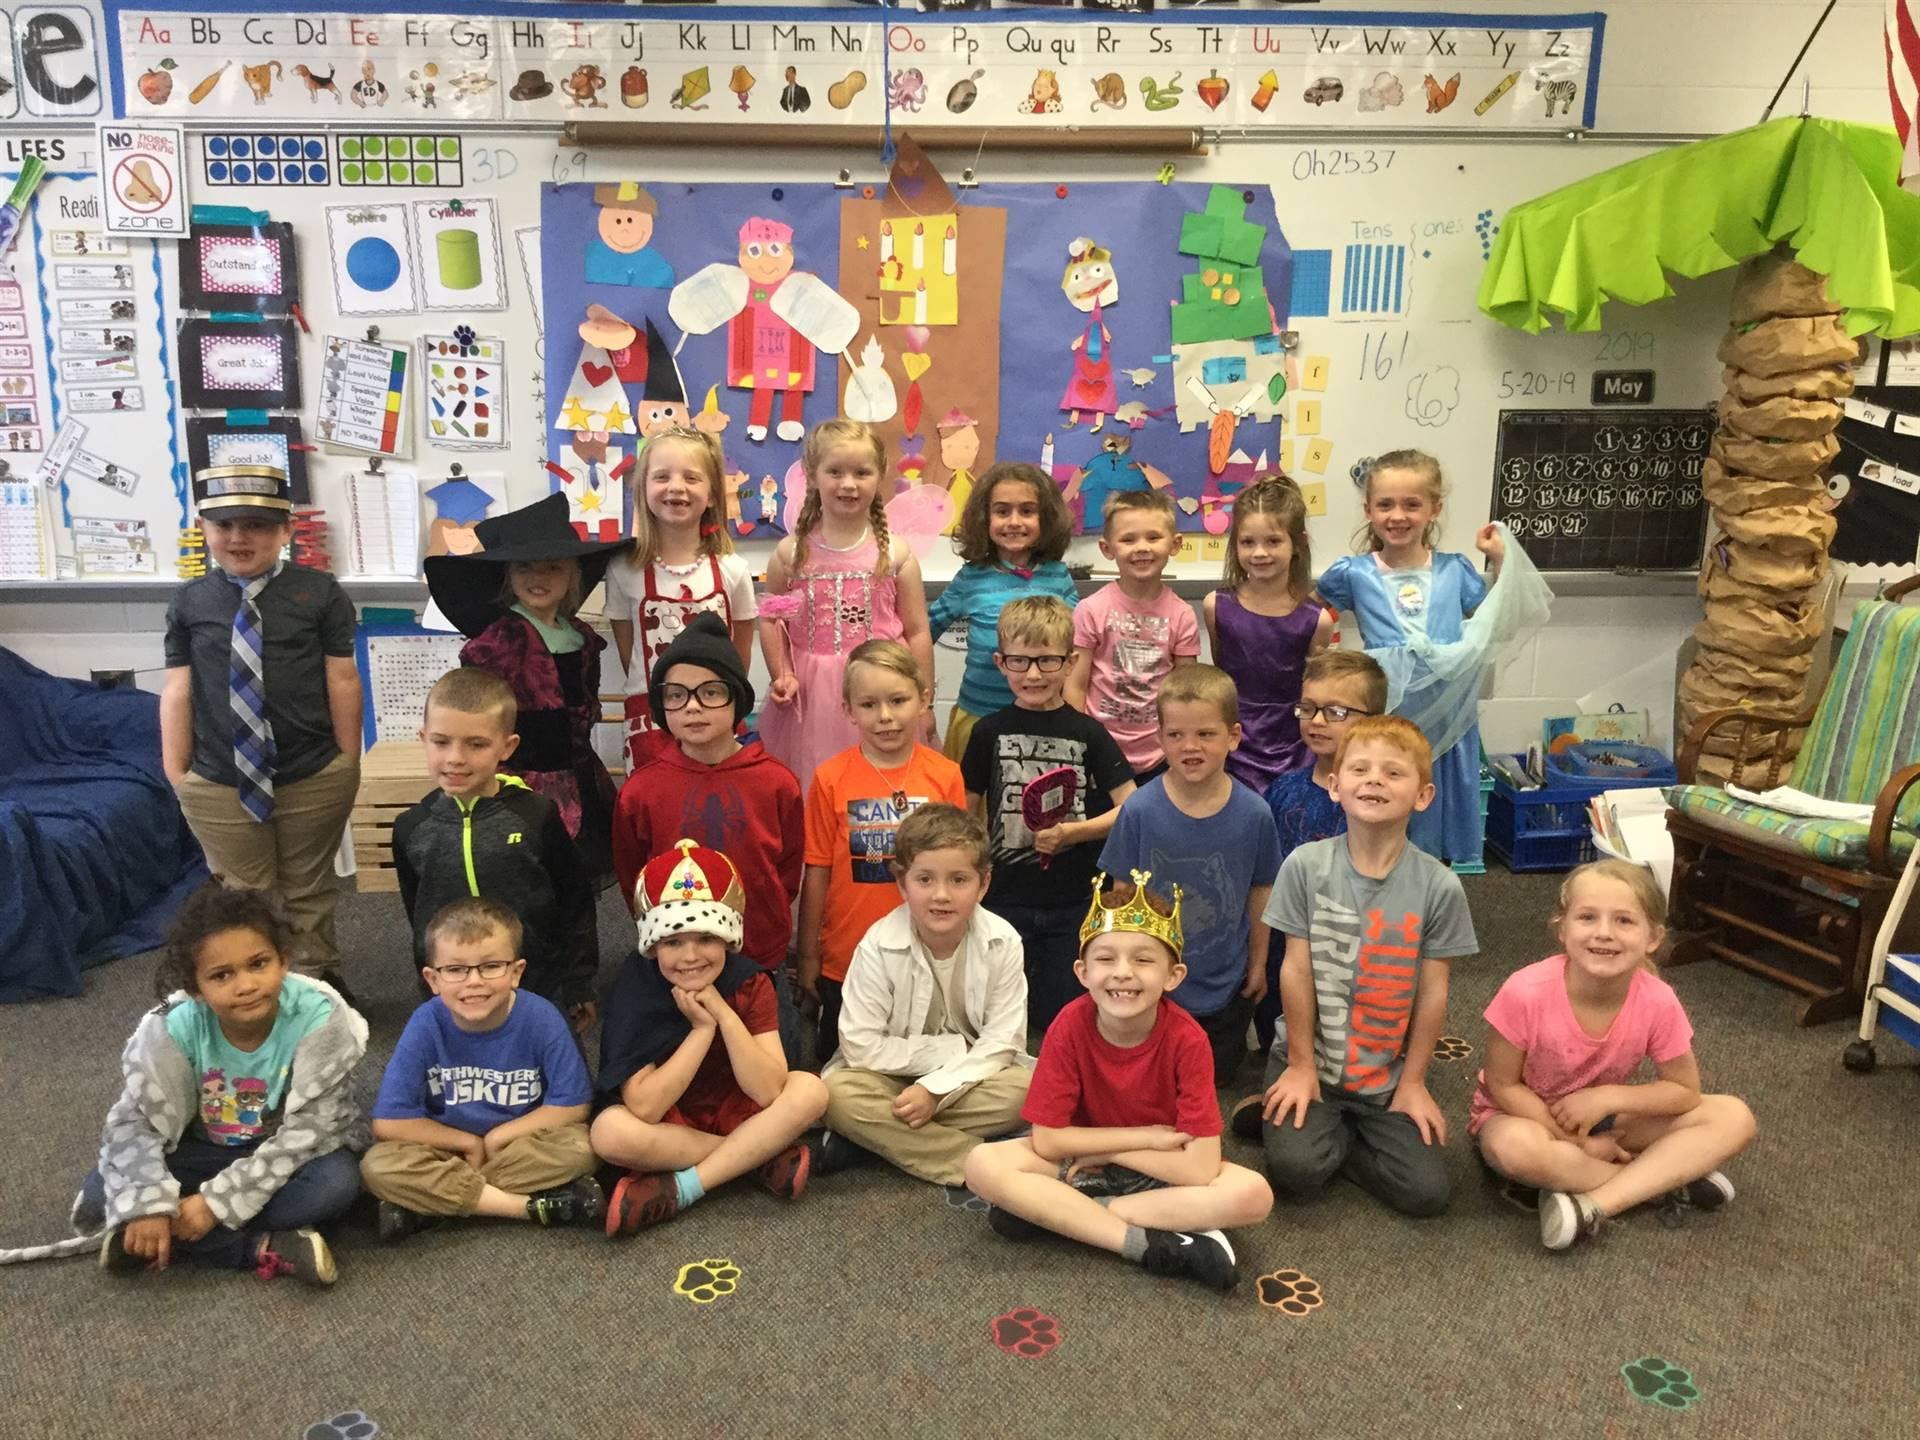 Mrs. Lees - Kindergarten Reader's Theatre